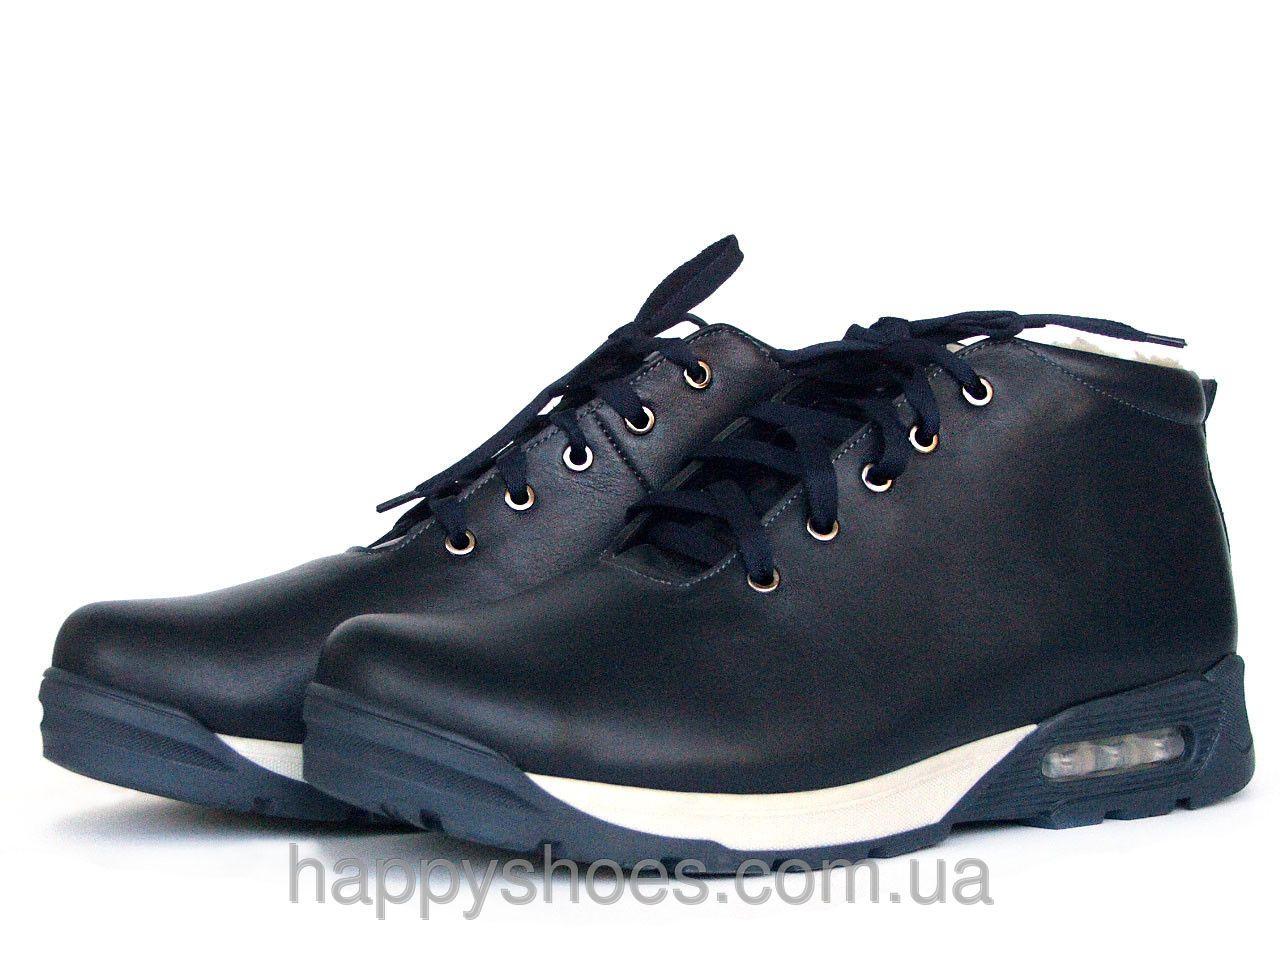 ef33300b Купить Кожаные ботинки мужские зимние в Запорожье от компании